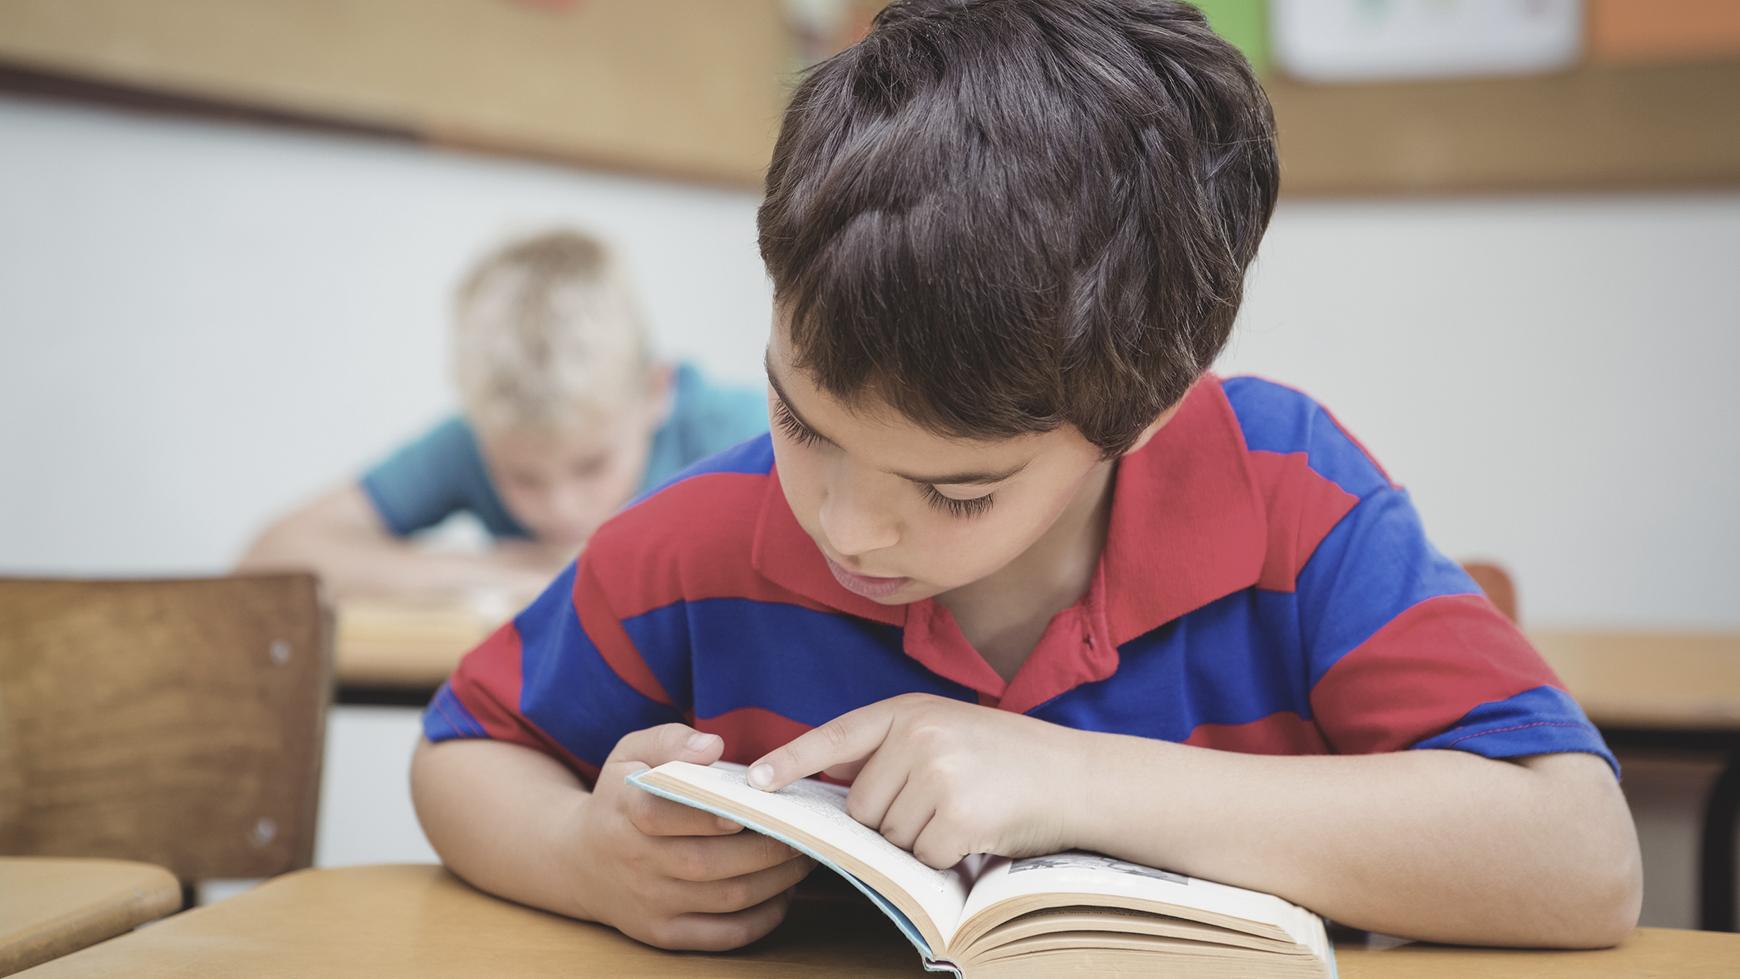 الرياضيات والعلوم والقراءة والكتابة